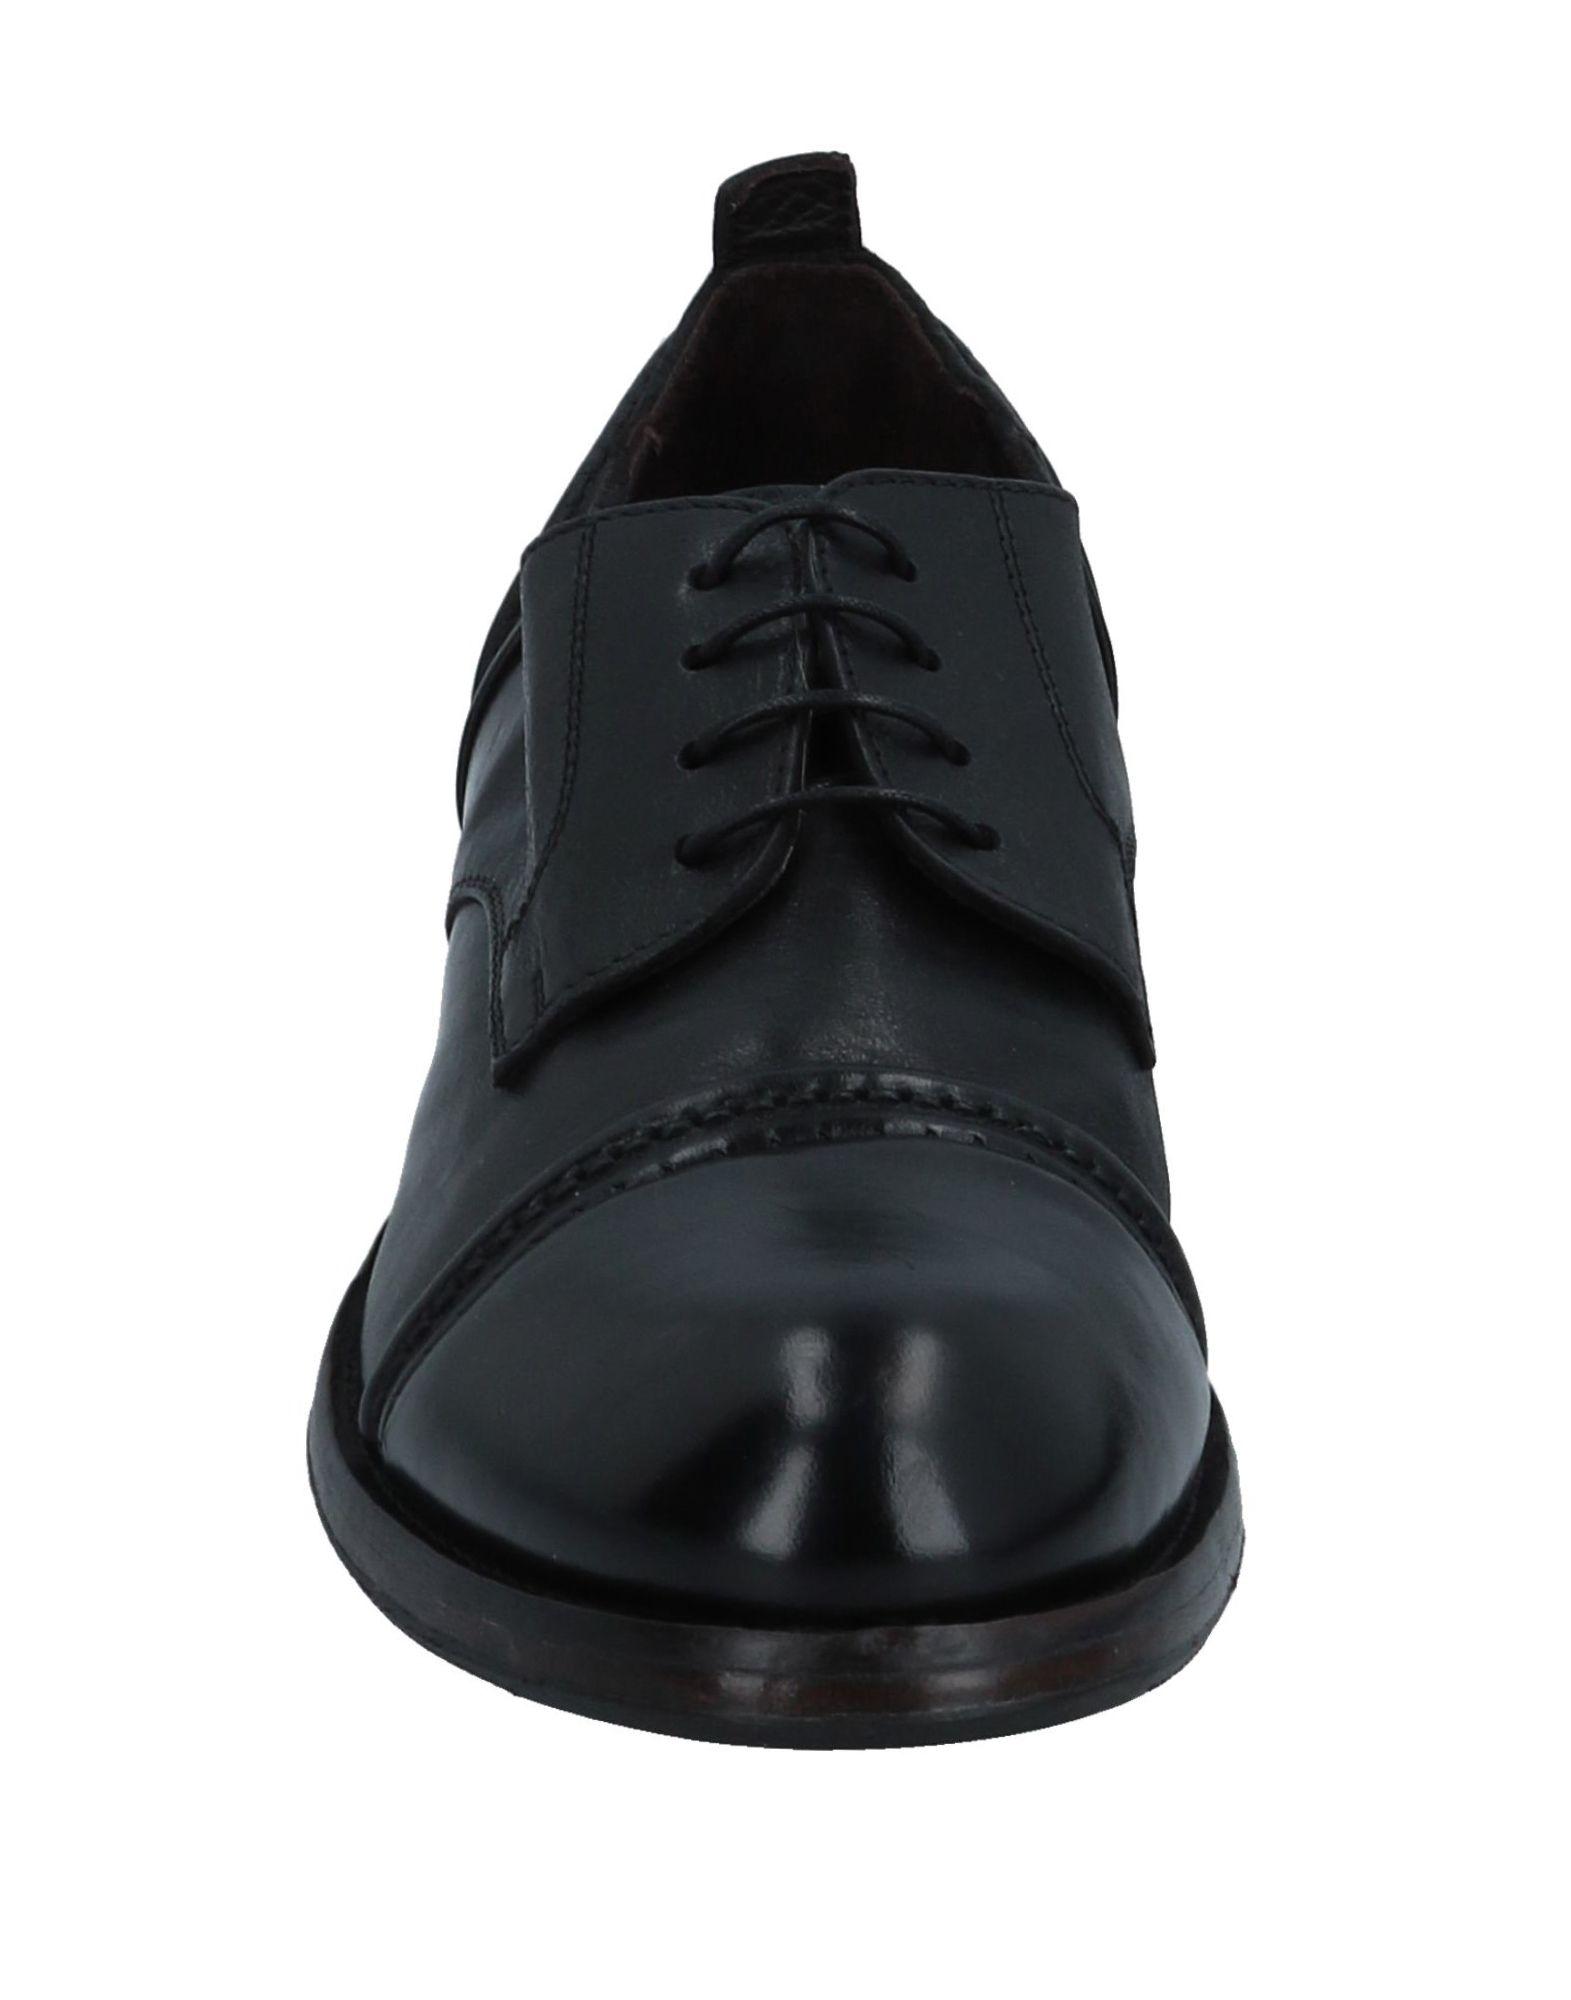 Moma Schnürschuhe Qualität Herren  11516520UA Gute Qualität Schnürschuhe beliebte Schuhe 945caf